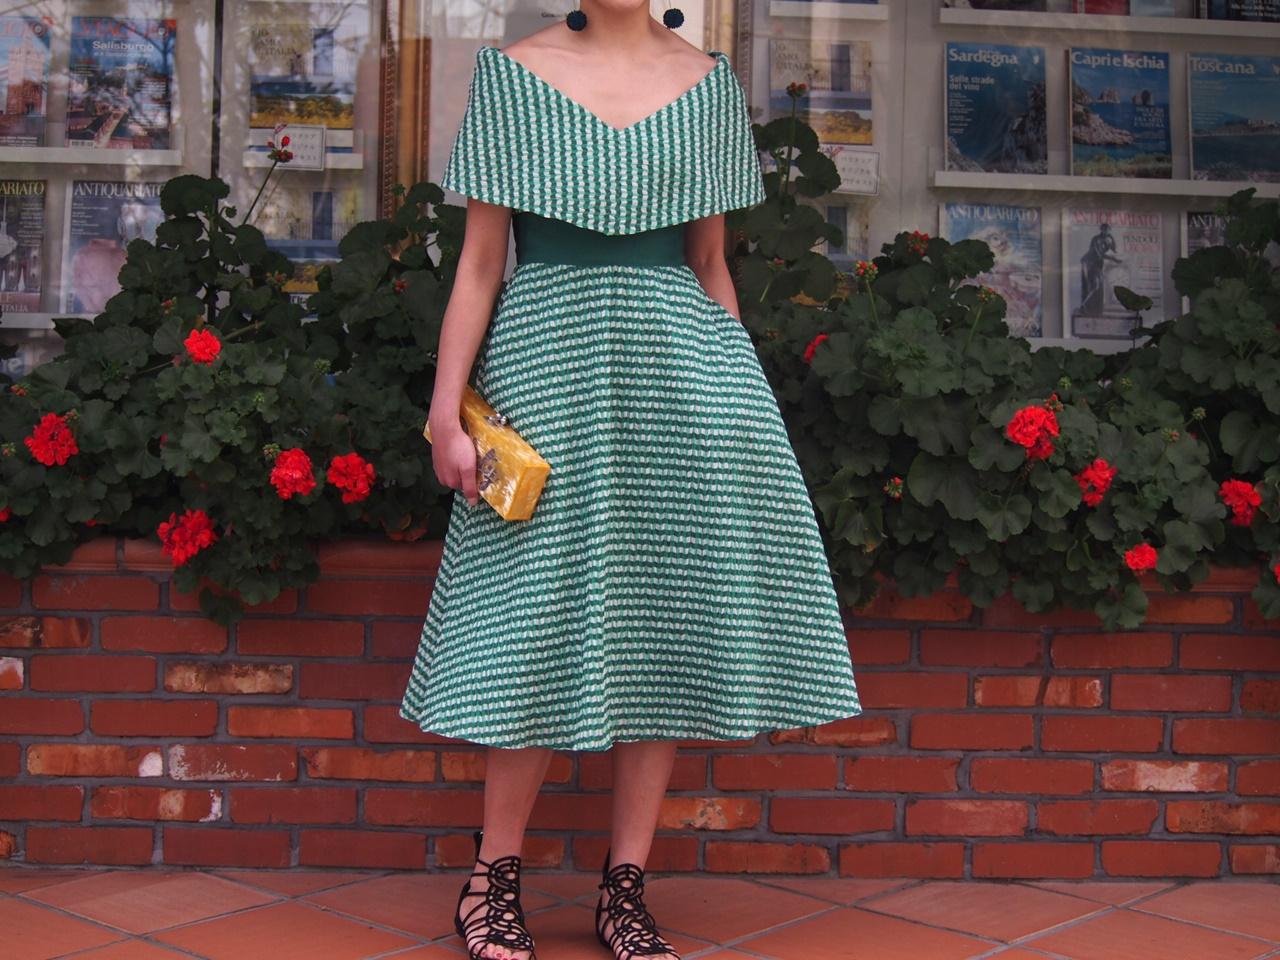 グリーンのギンガムチェックのオフショルダードレスは春の結婚式やパーティーにおすすめのおしゃれなレンタルパーティードレス